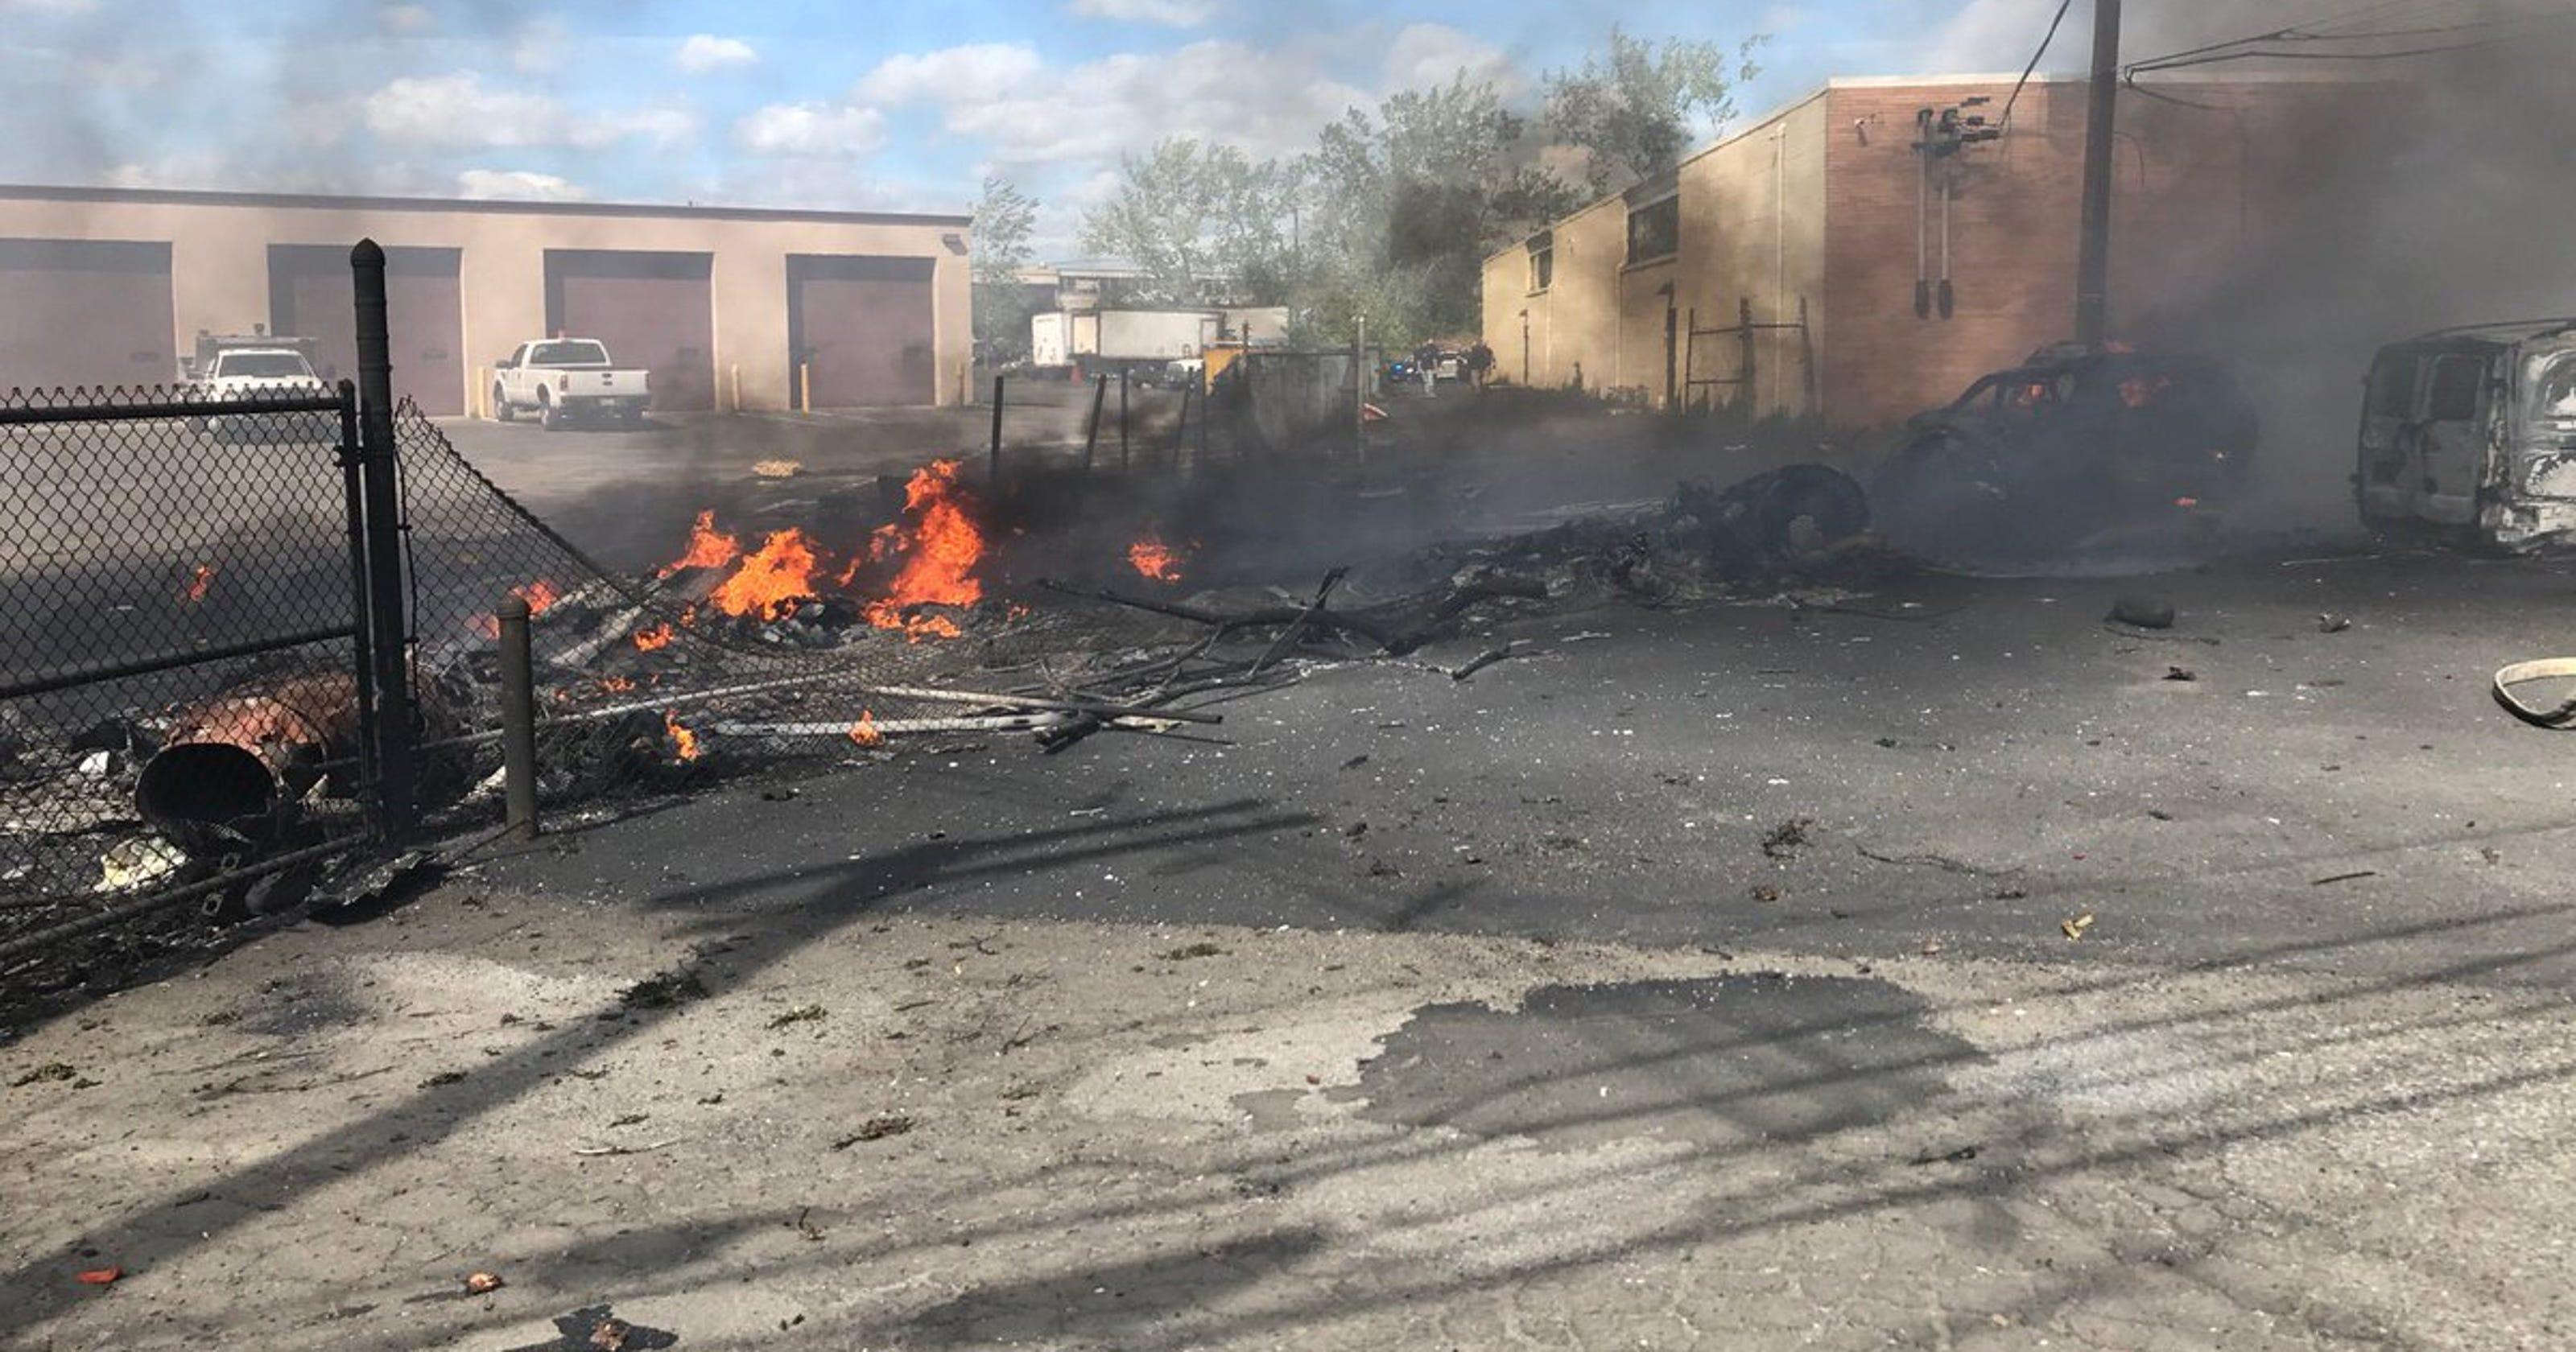 Learjet crash in New Jersey kills 2 crew members